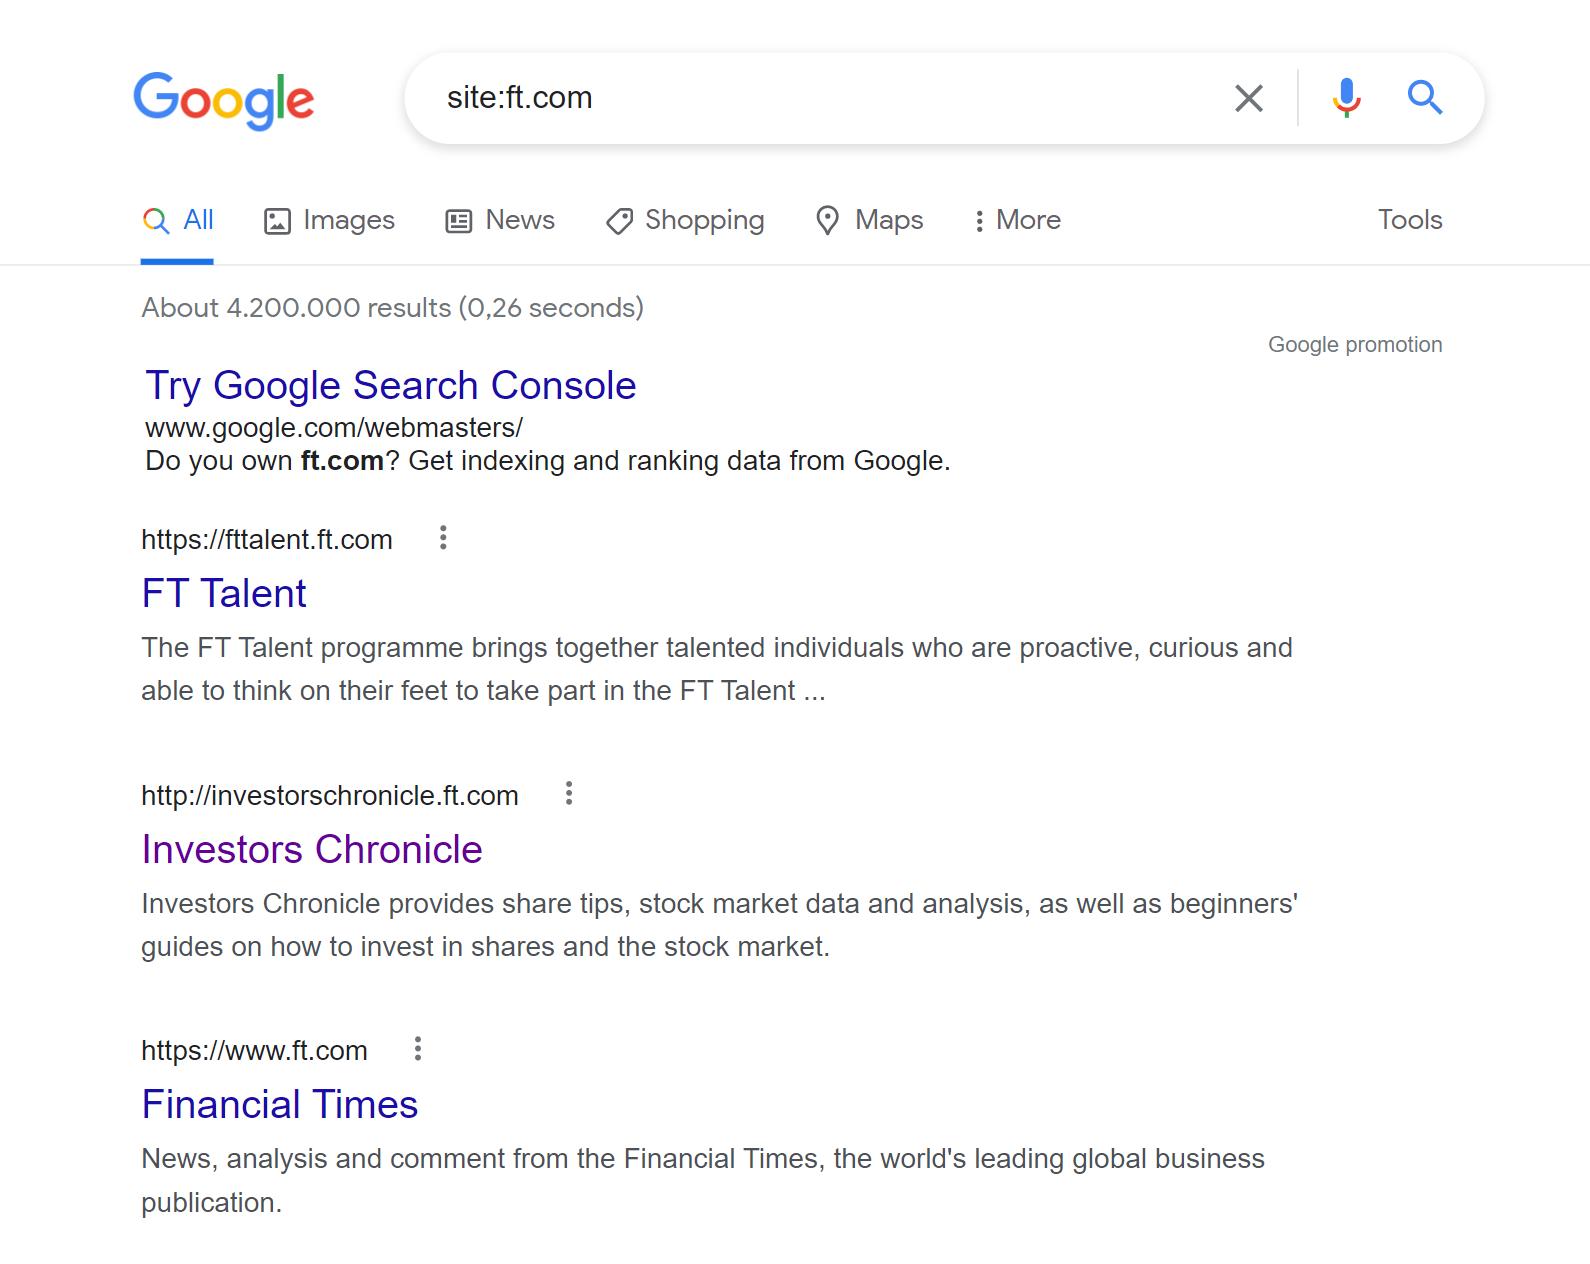 Google site: query